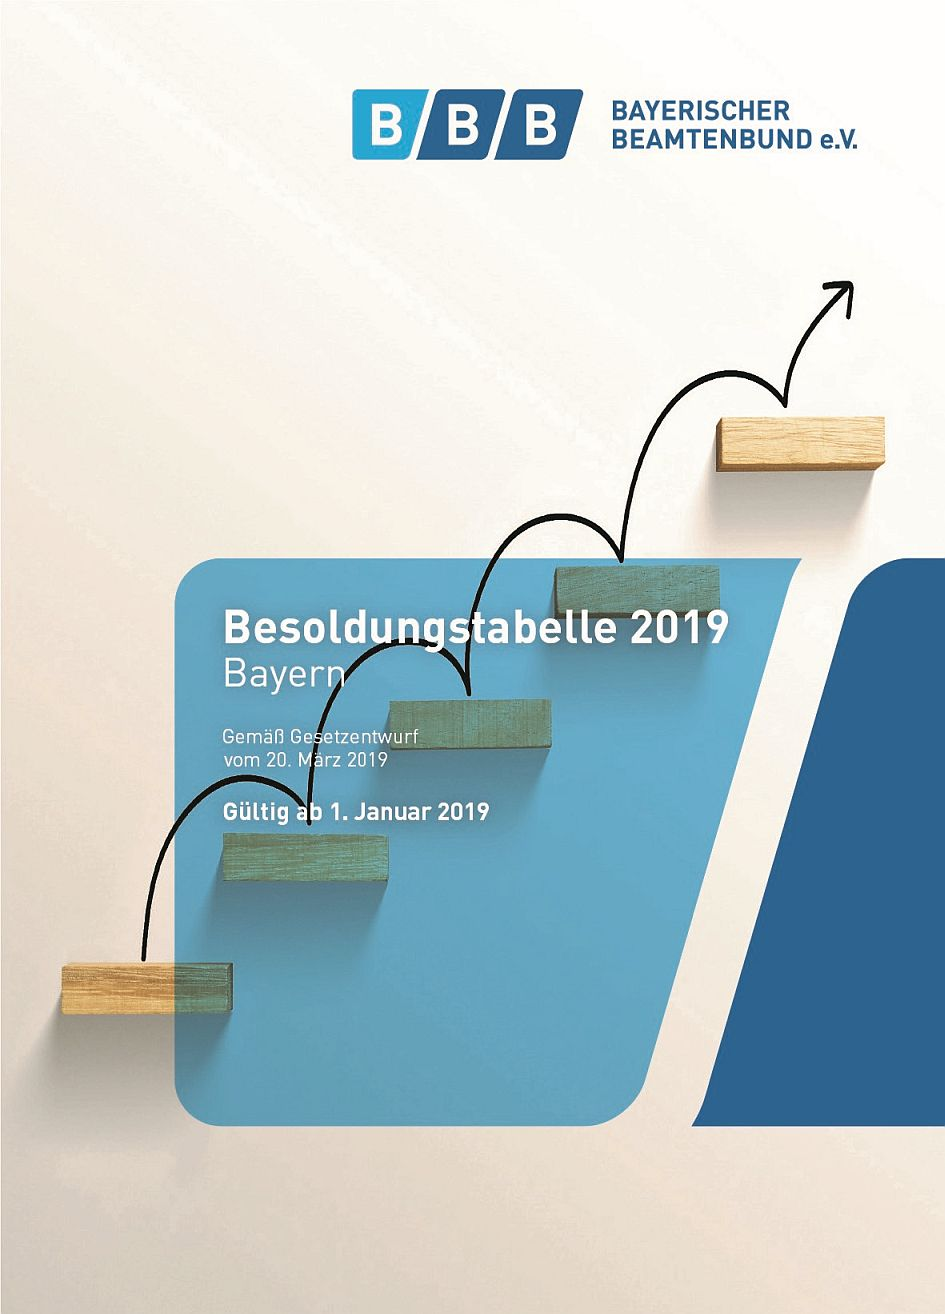 Besoldungstabelle 2019